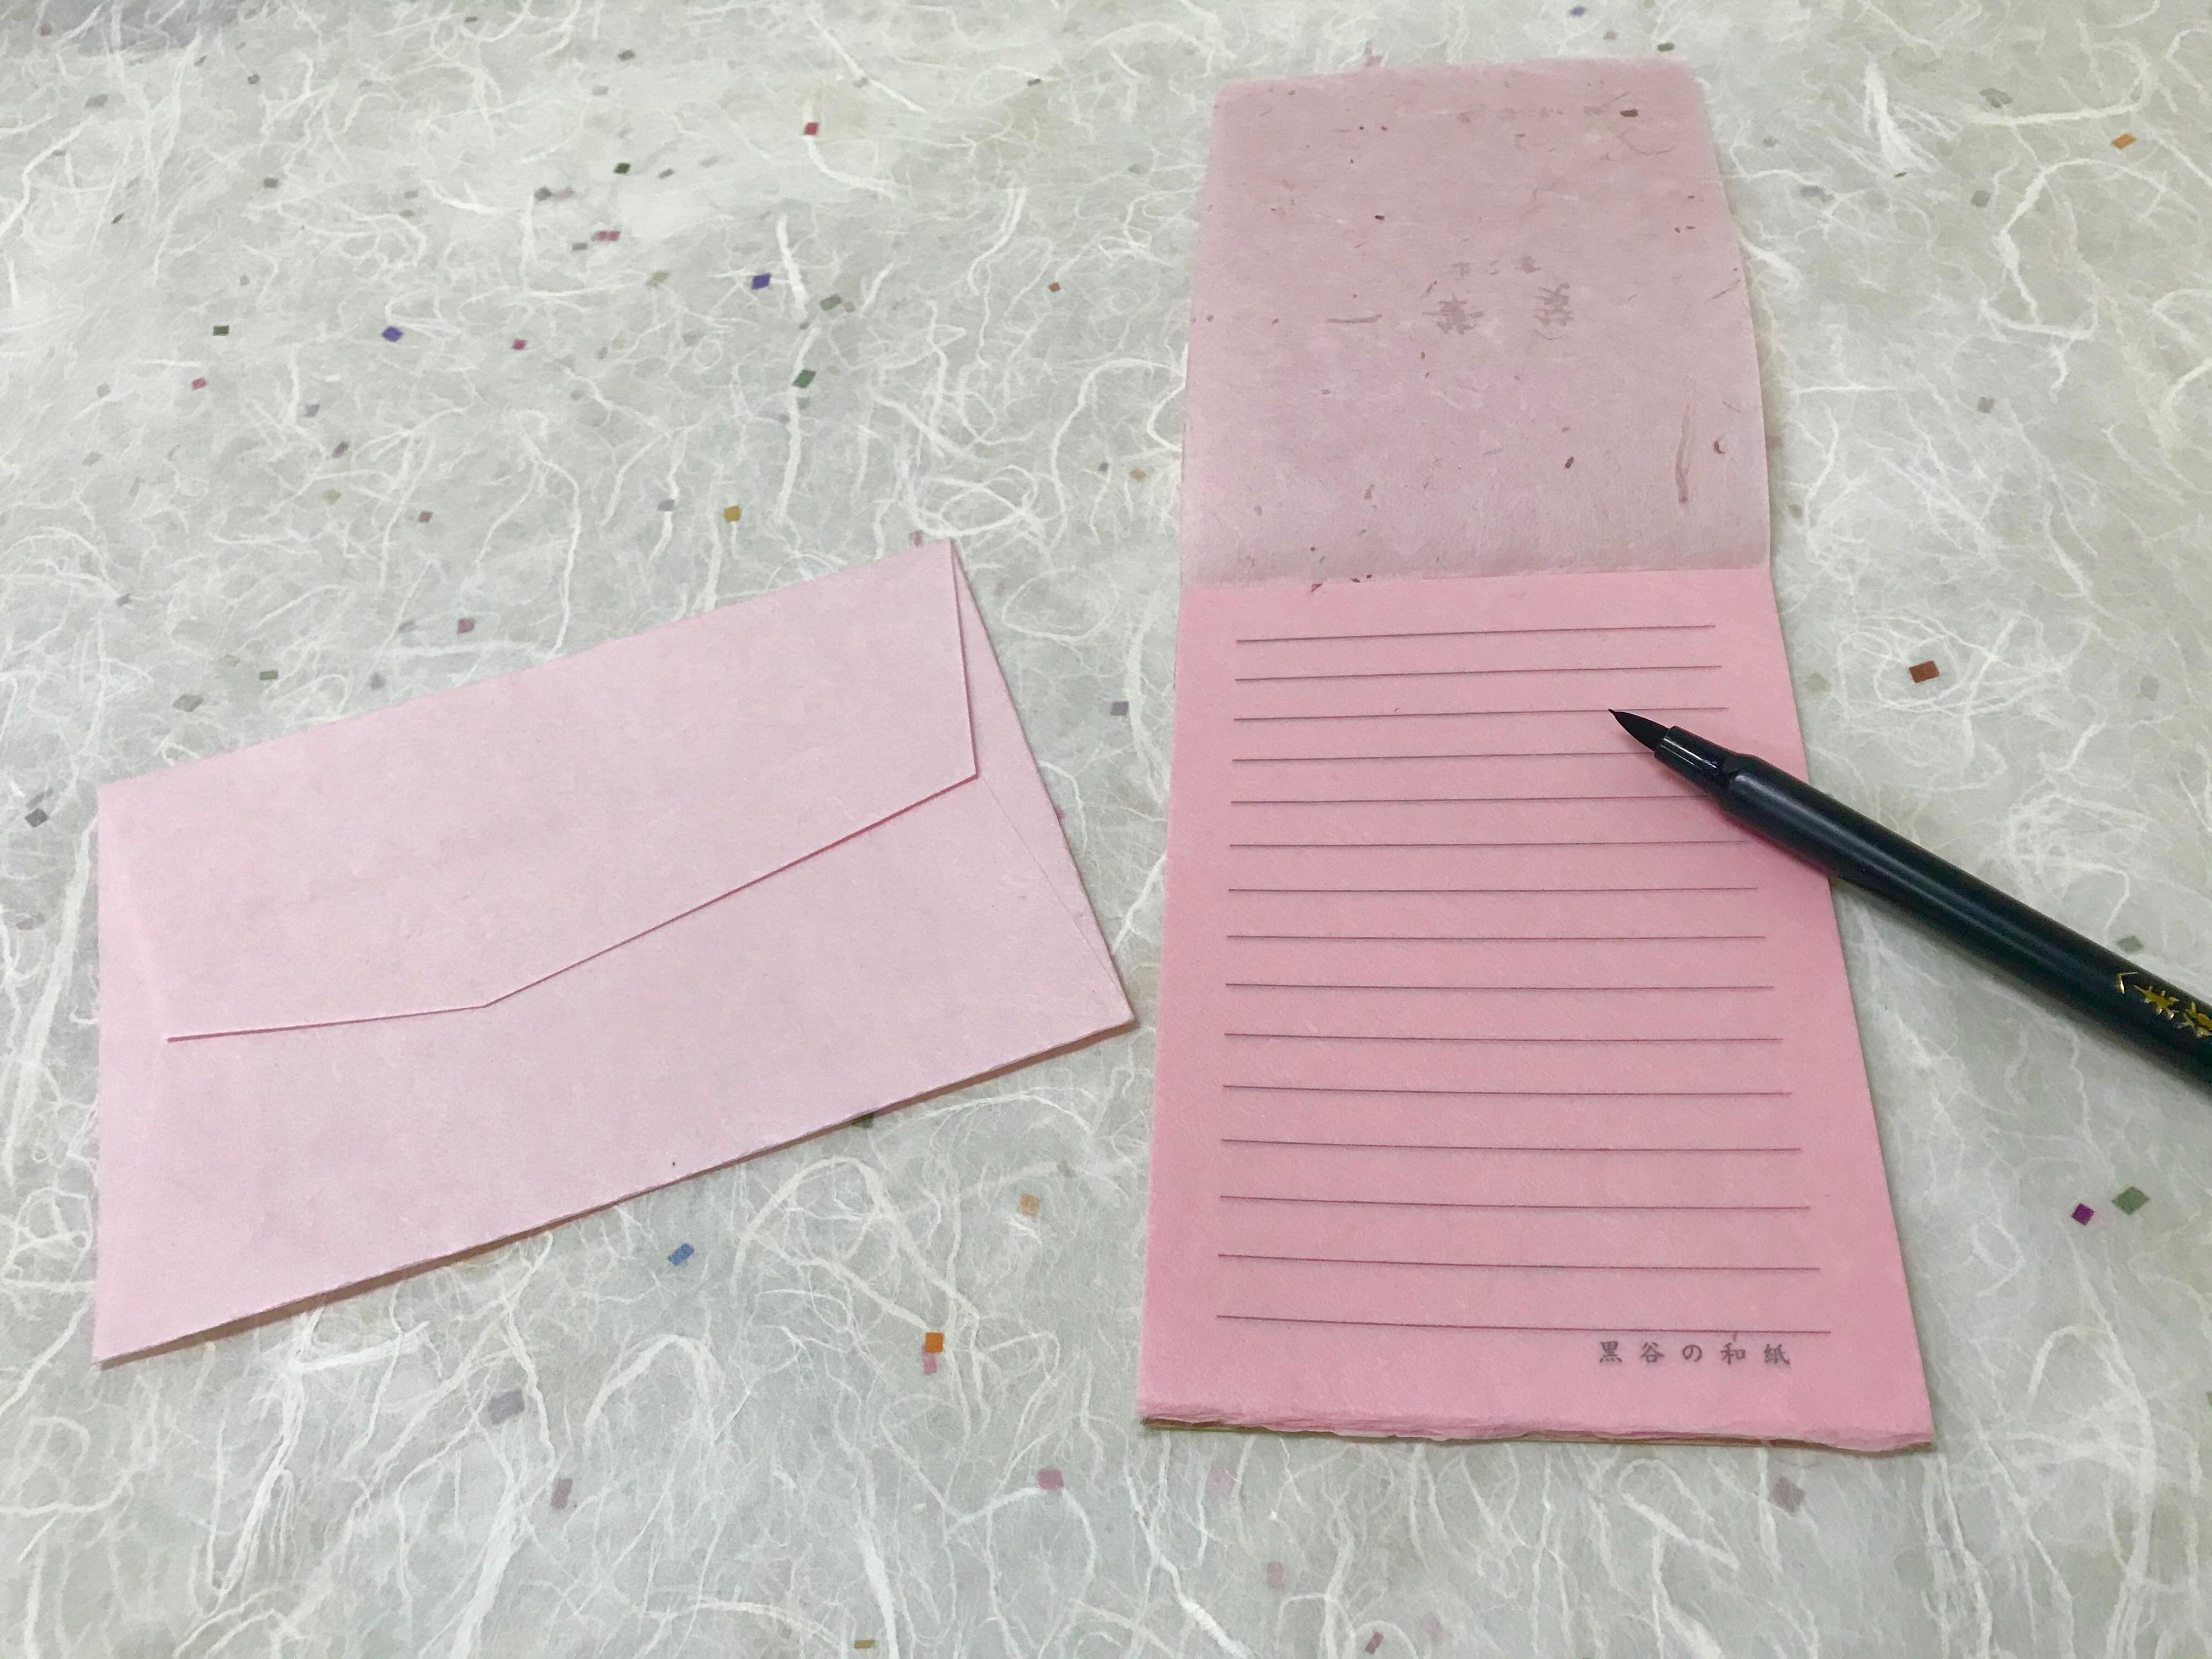 京都黒谷和紙 一筆箋  洋封筒セット(ピンク)